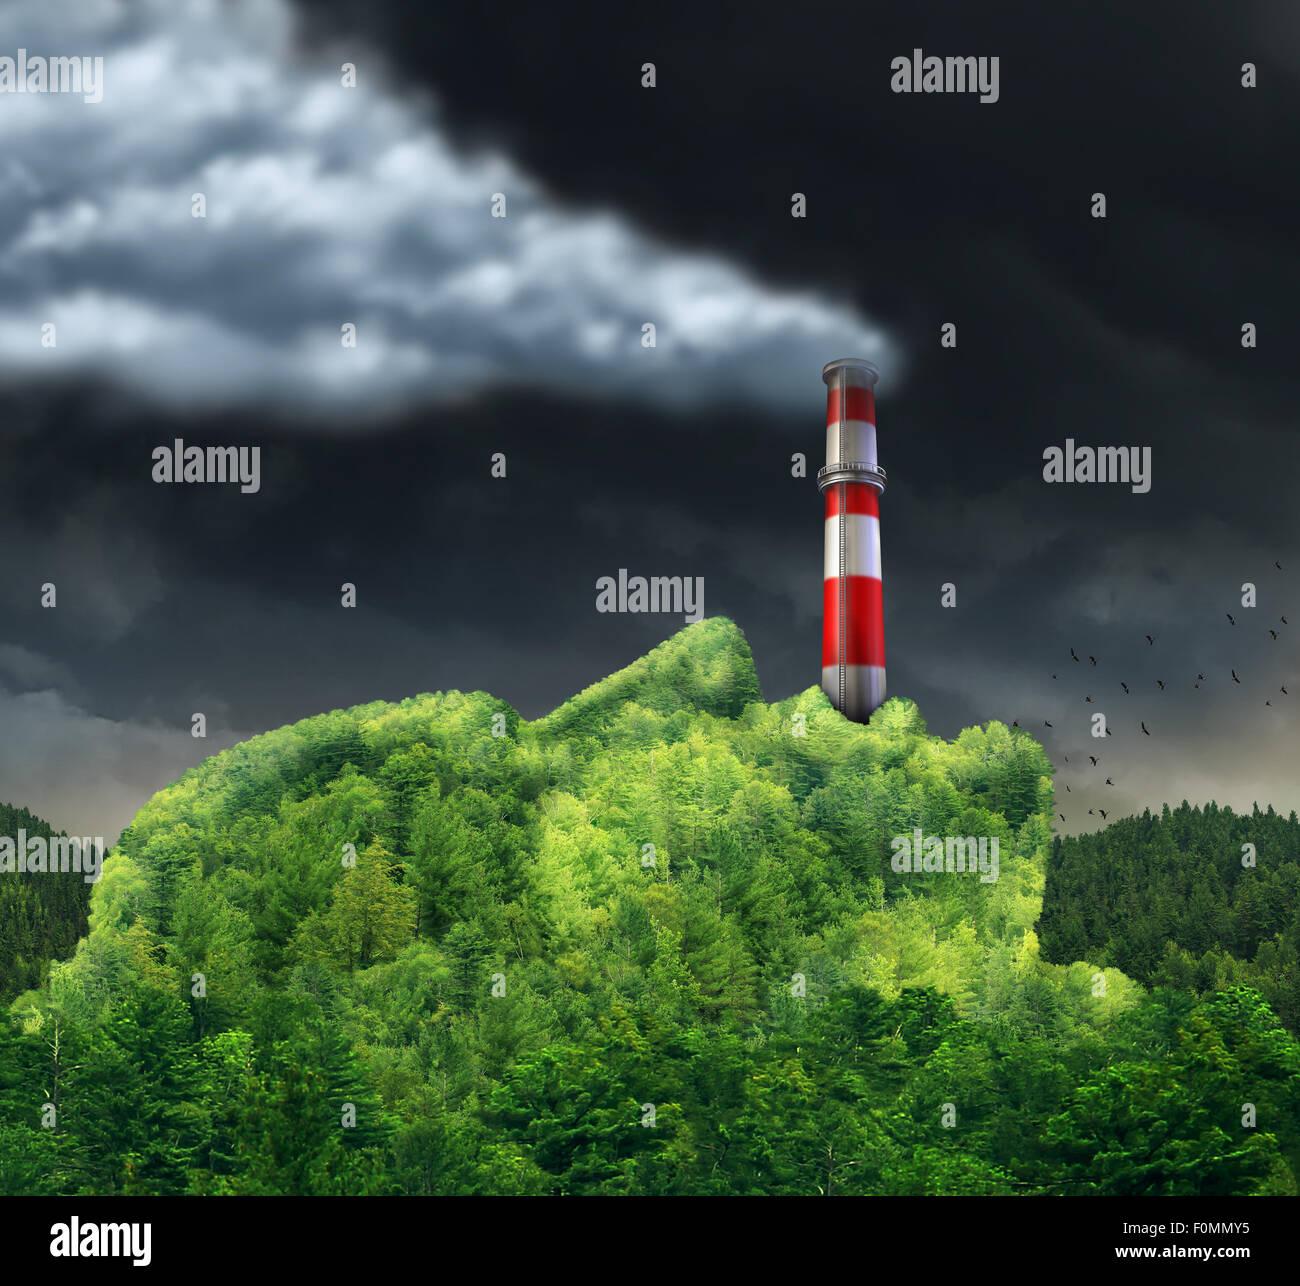 Concept de la pollution et de l'environnement changements climatiques qui contribuent au réchauffement Photo Stock